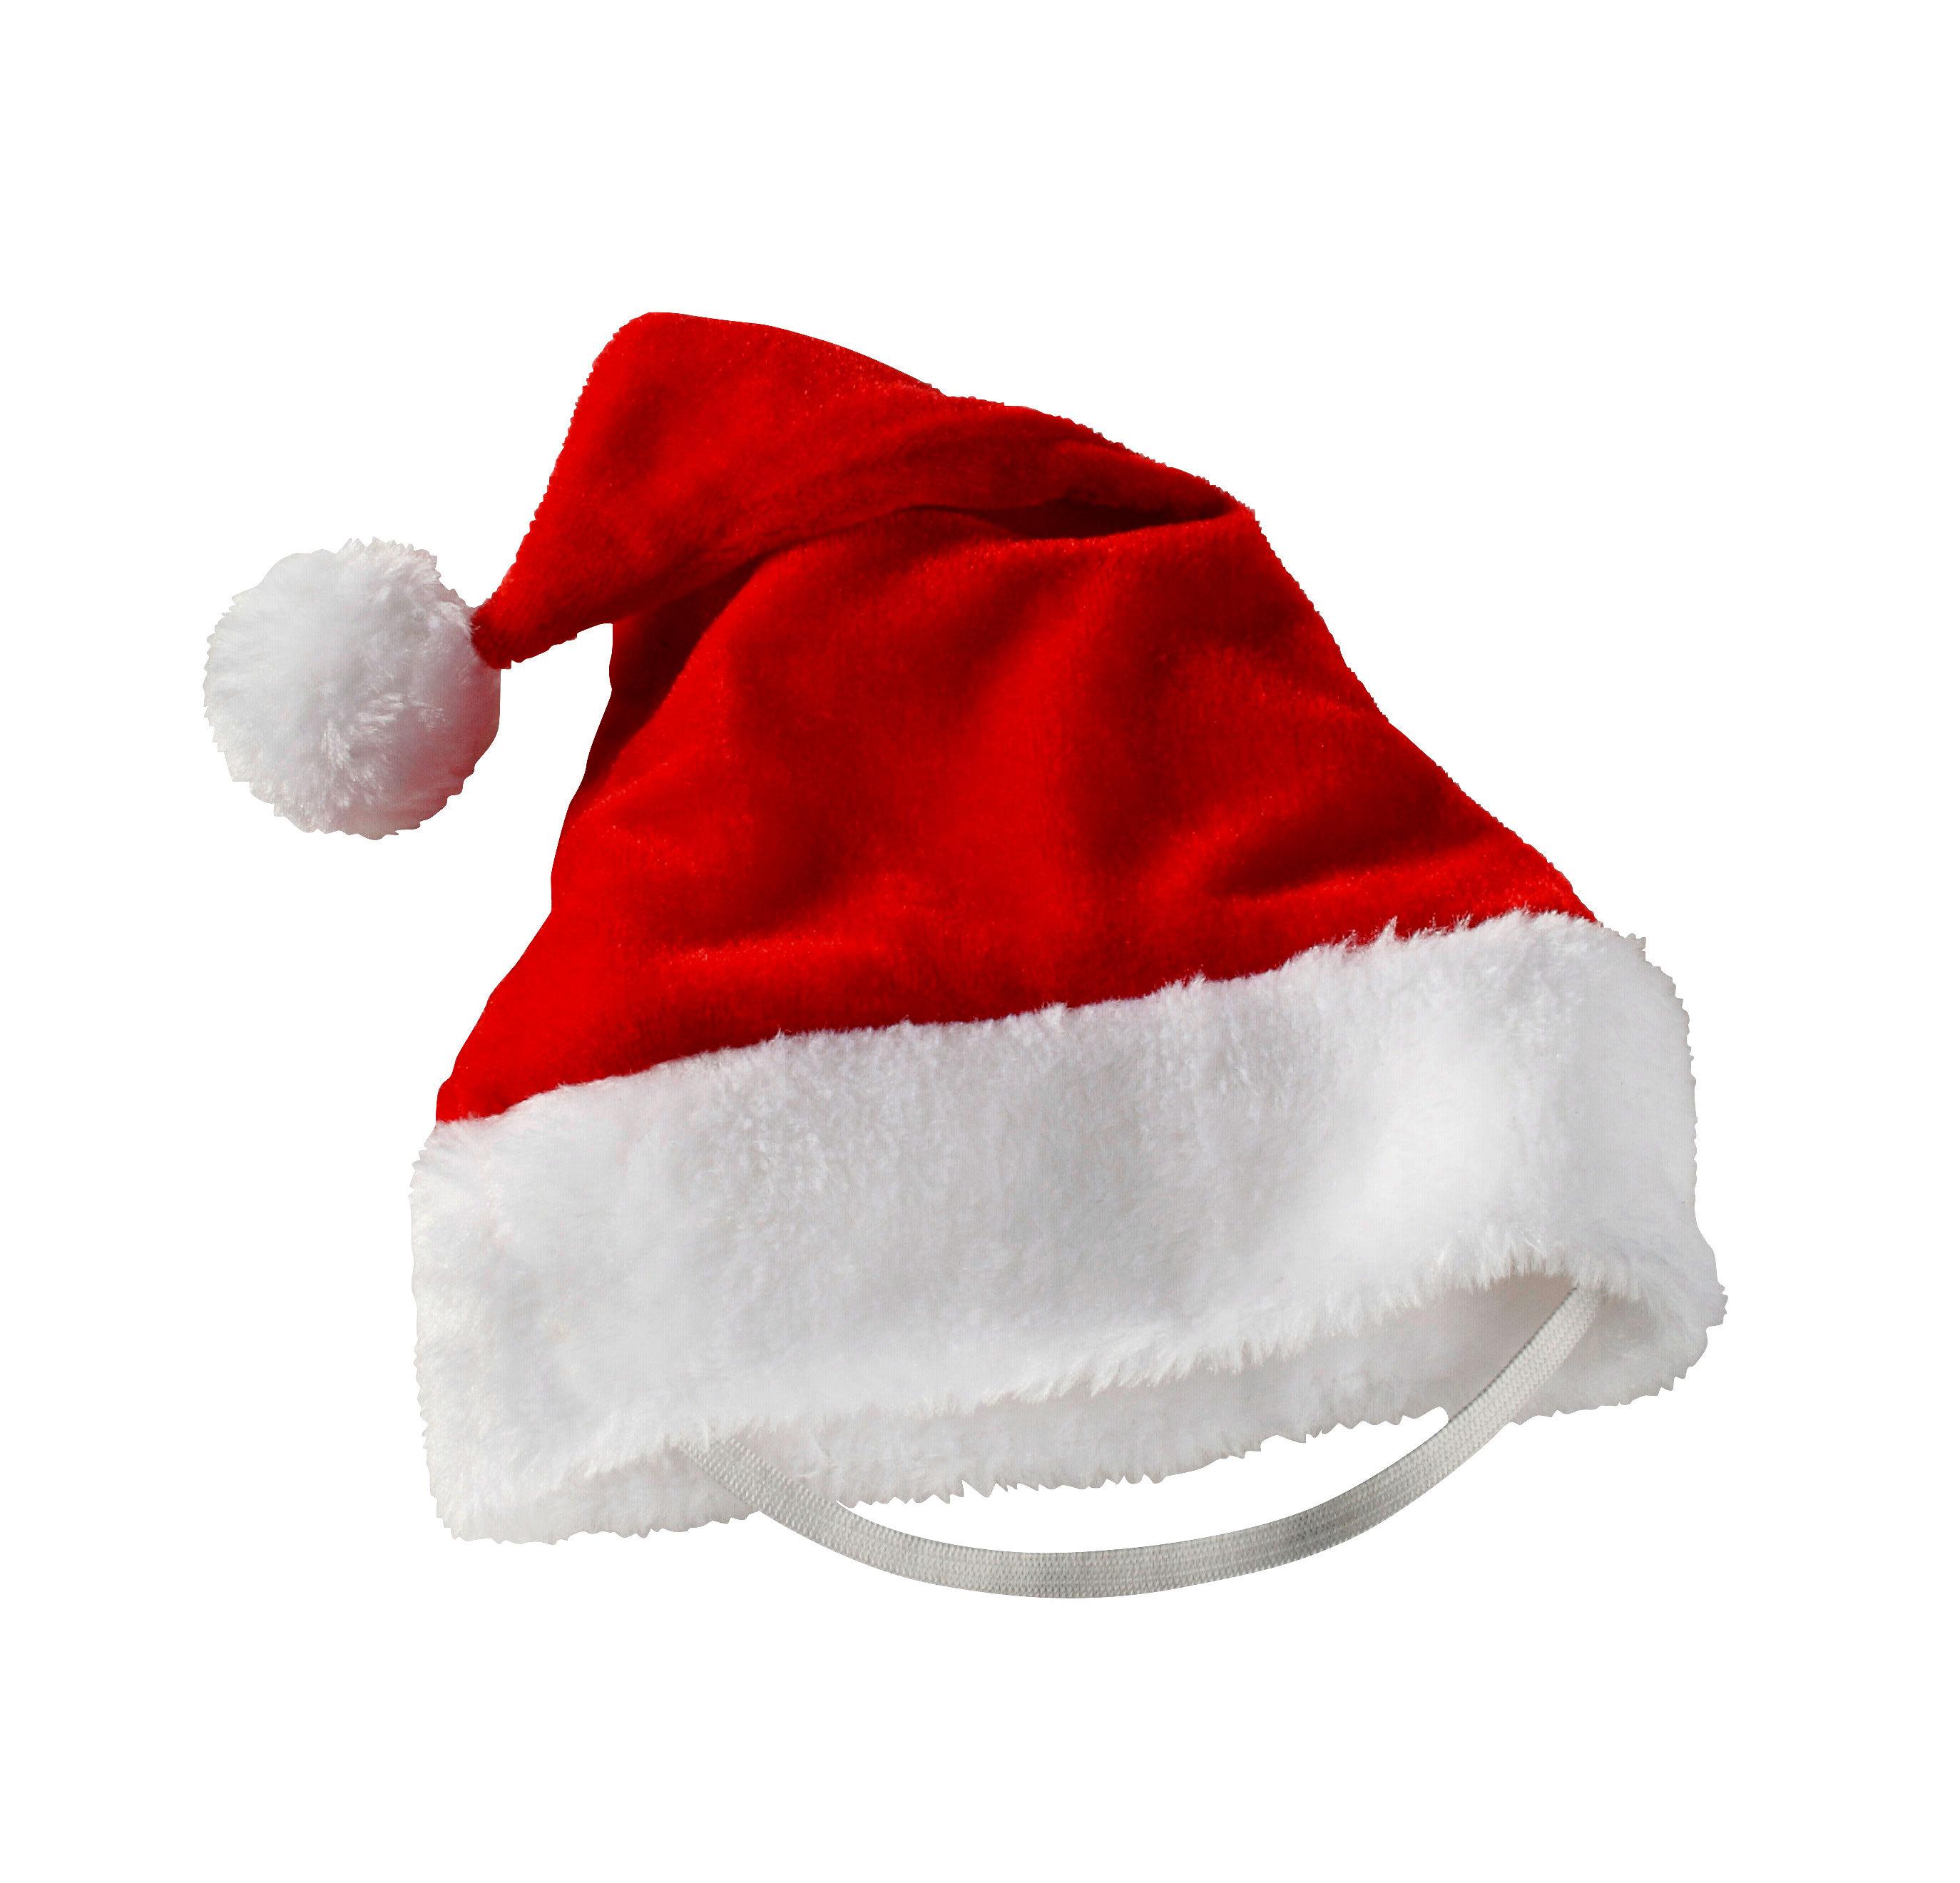 dicke  WEIHNACHTSEULE mit WeihnachtsMütze Laterne** 17 x 12 cm**Advents*Deko